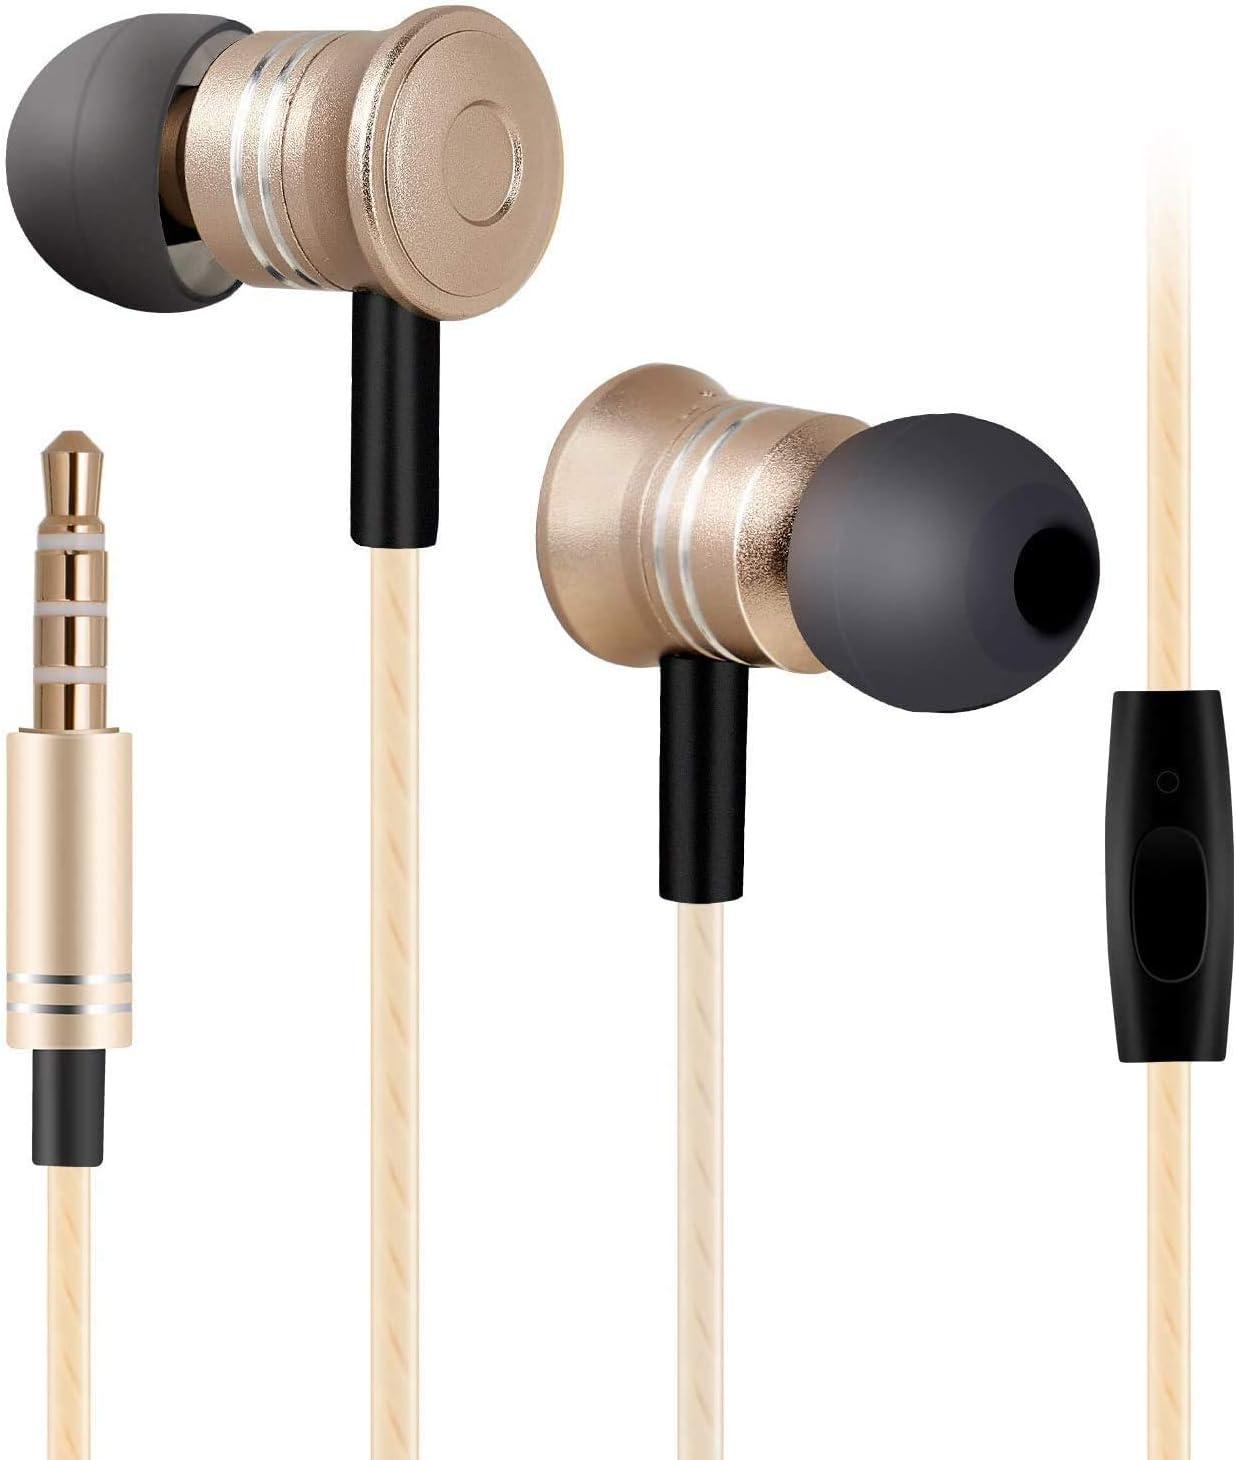 Ear Buds Wired, Ear Phones Earbud Headphones Earphones with Microphone Earbuds Wired in Ear Headphones Ear Phones for Cell Phones